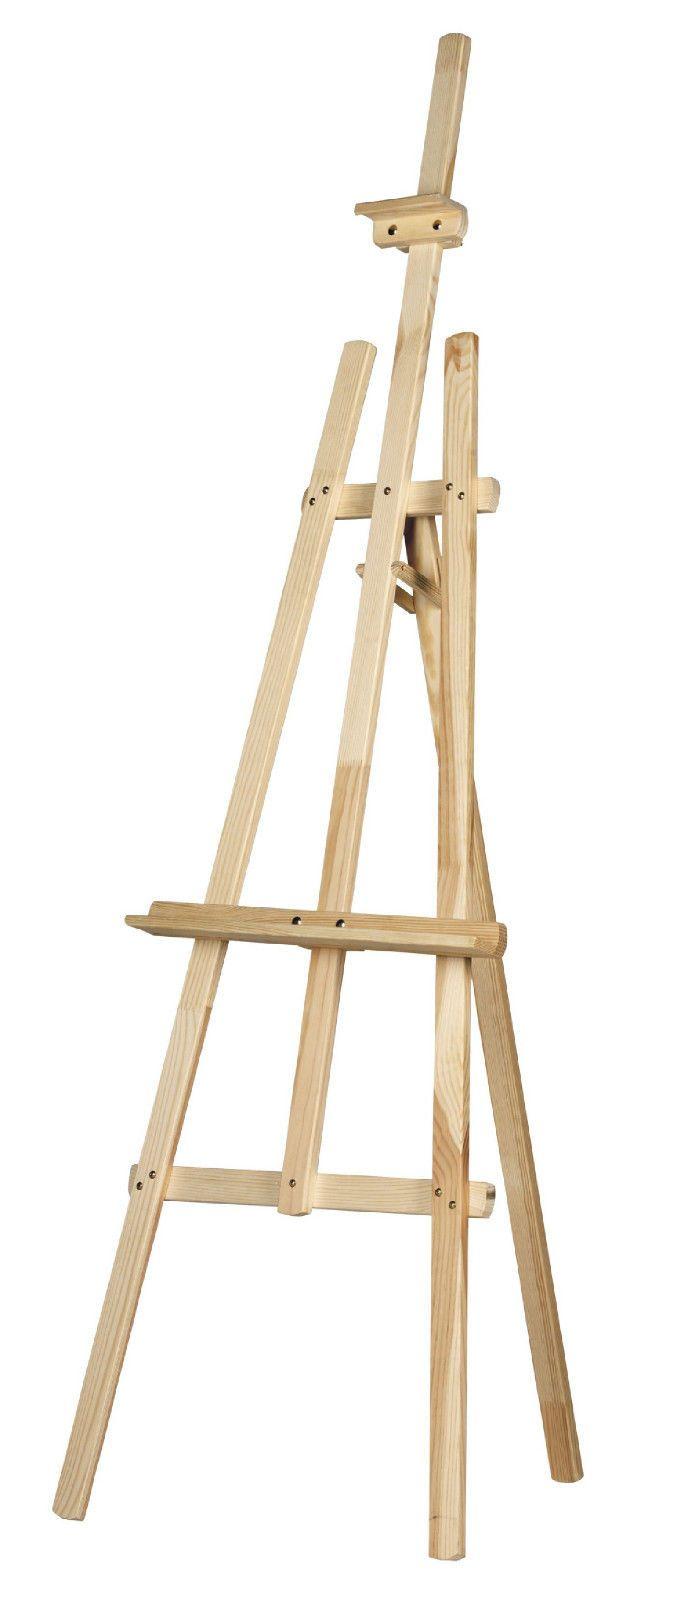 Drawn planks easel ART on best Wooden 6ft